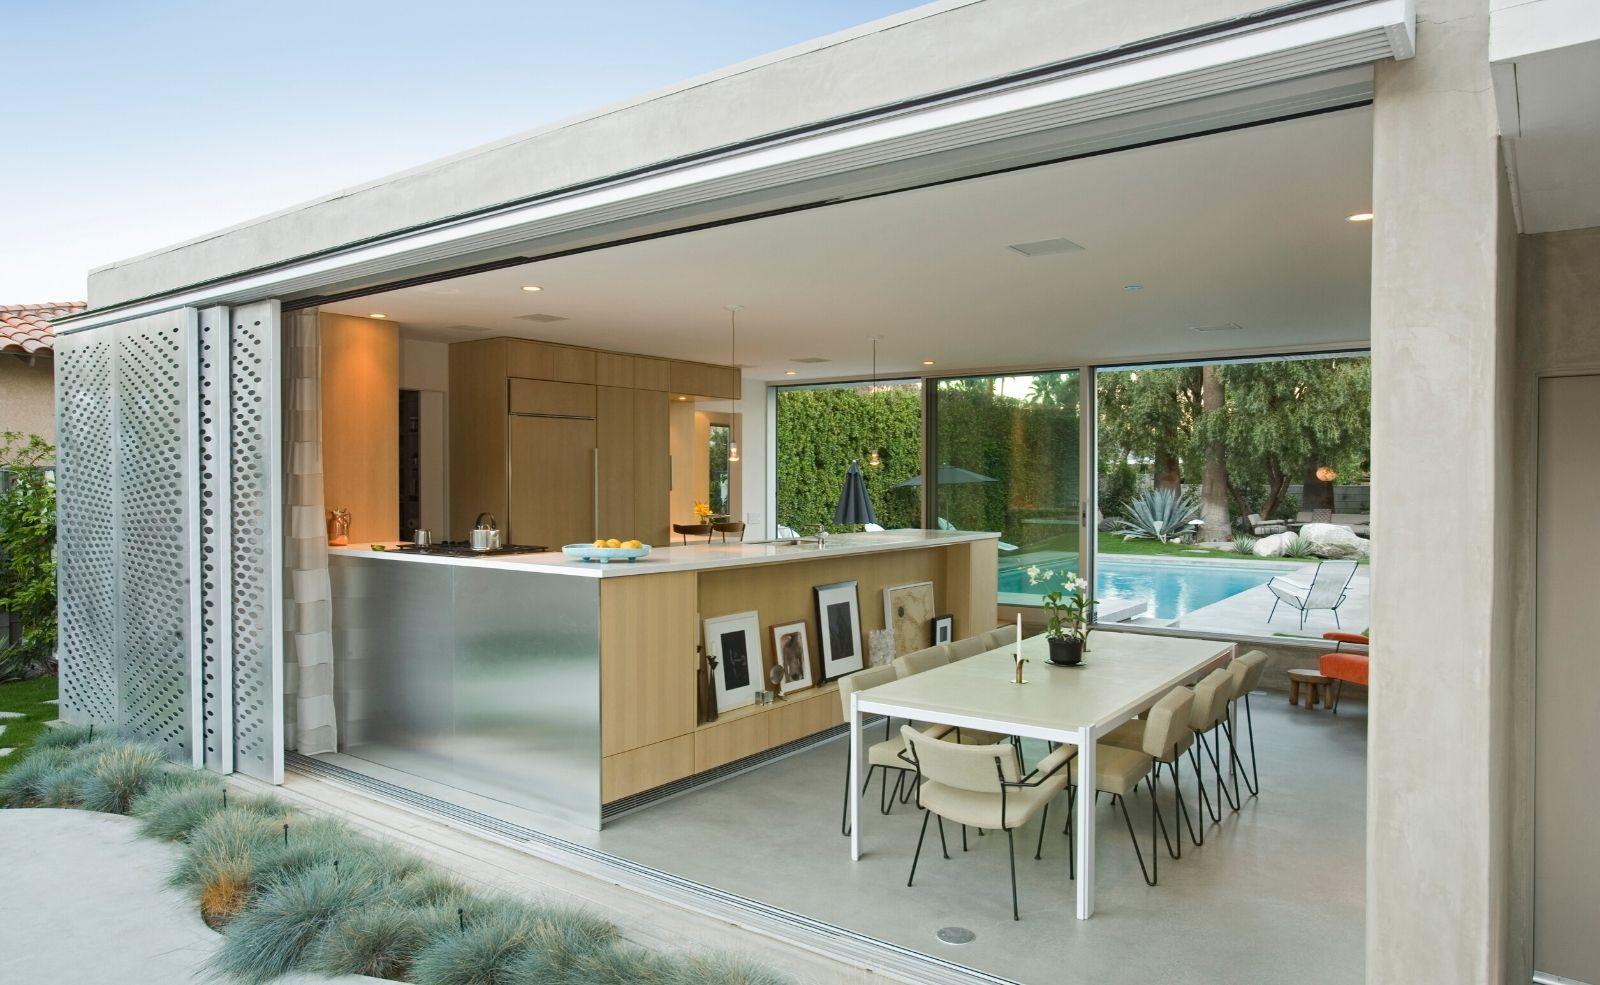 Outdoorküche planen: Tipps rund um die Gartenküche